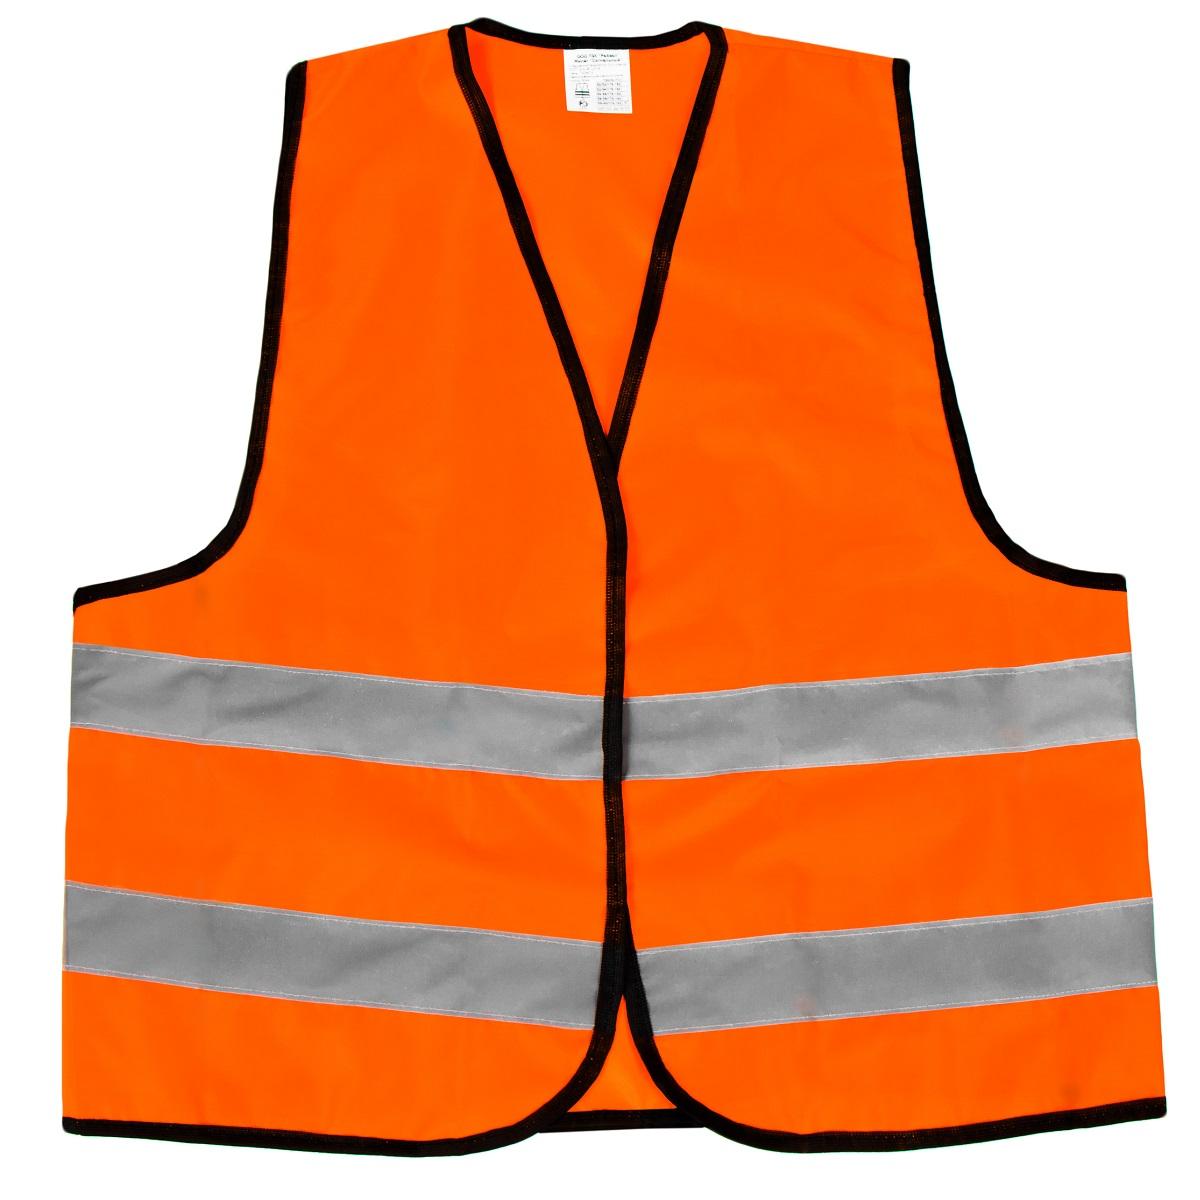 Жилет светоотражающий Rival Сигнальный, 2 класс защиты, цвет: оранжевый. Размер L жезл сигнальный fenix aot l